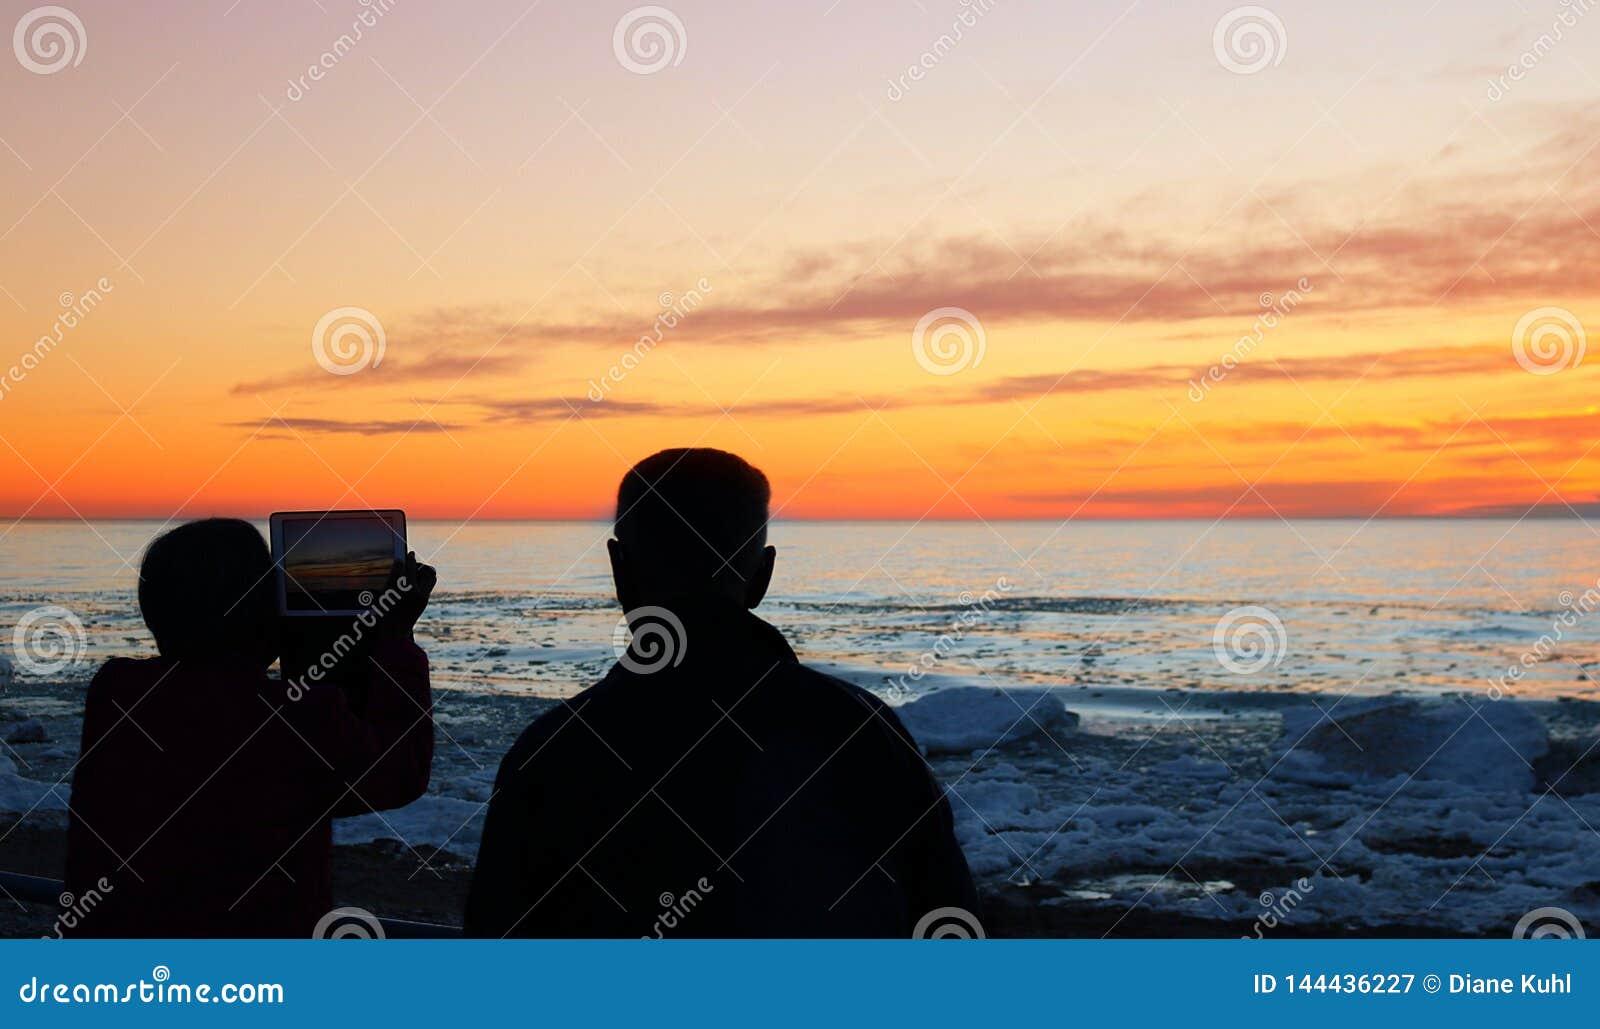 使用夺取的技术的两个老年人在休伦湖畔的华美的春天日落